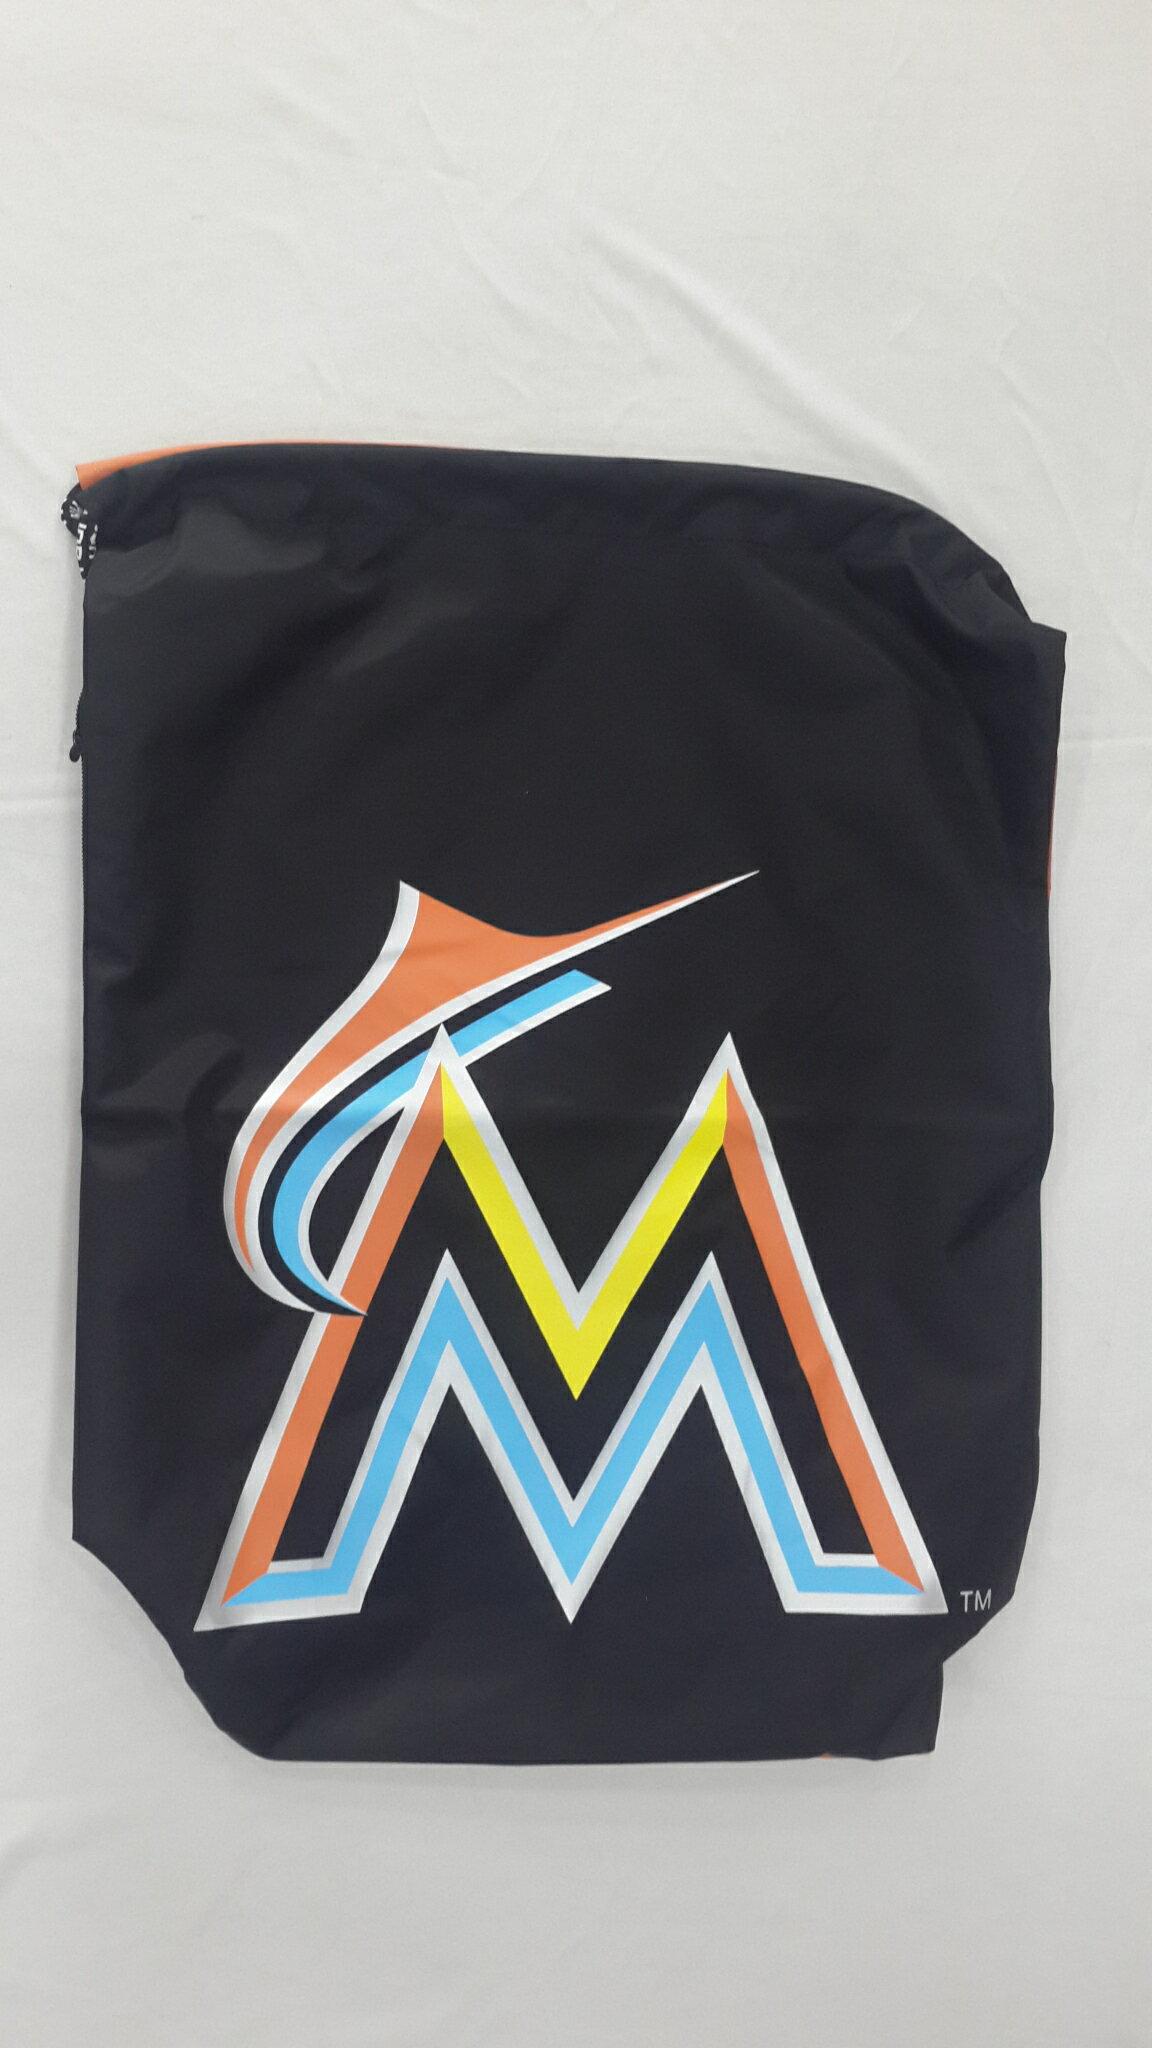 元禾〉MLB 馬林魚隊抽繩袋 5661401-006